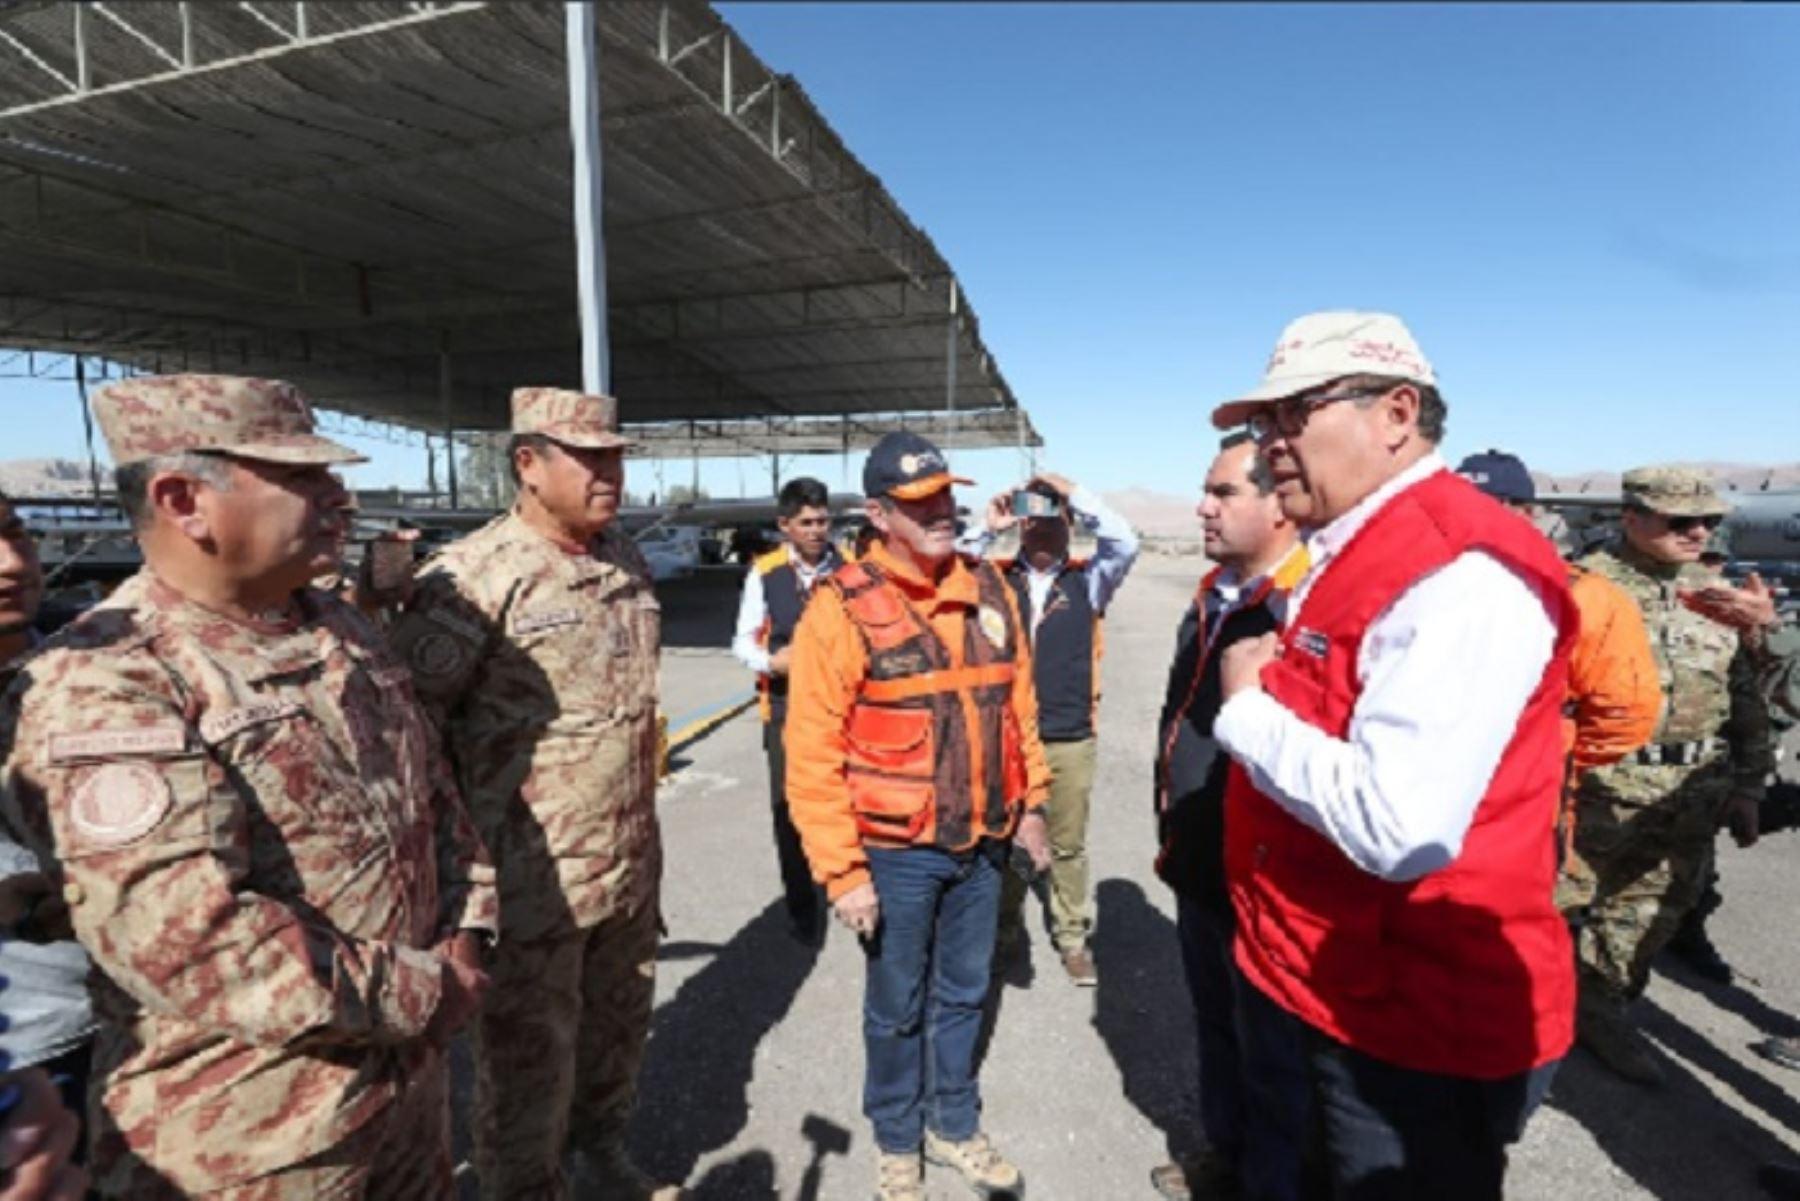 El ministro de Defensa, José Huerta,supervisará en la región Moquegua la ejecución del Simulacro Multipeligro 2018 que se desarrollará esta tarde, de manera simultánea, en diversas regiones del país.